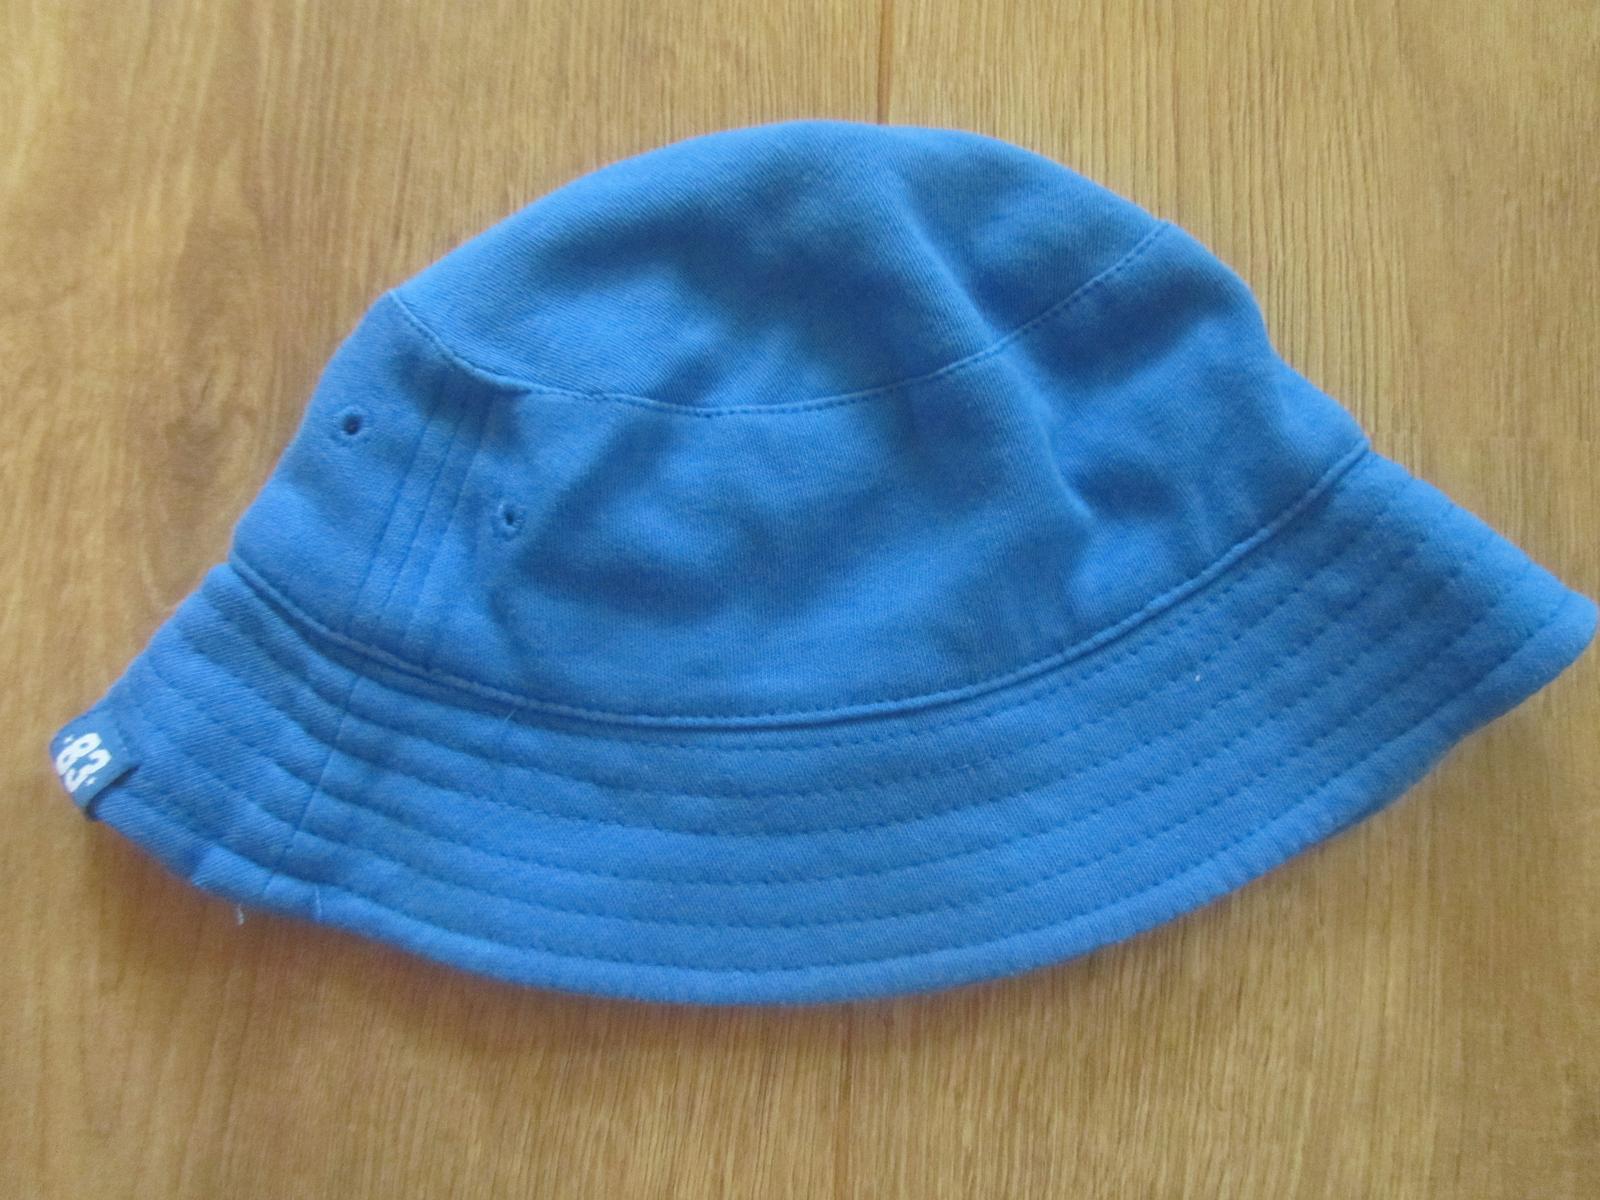 Modry klobucik F&F 92 - Obrázok č. 1